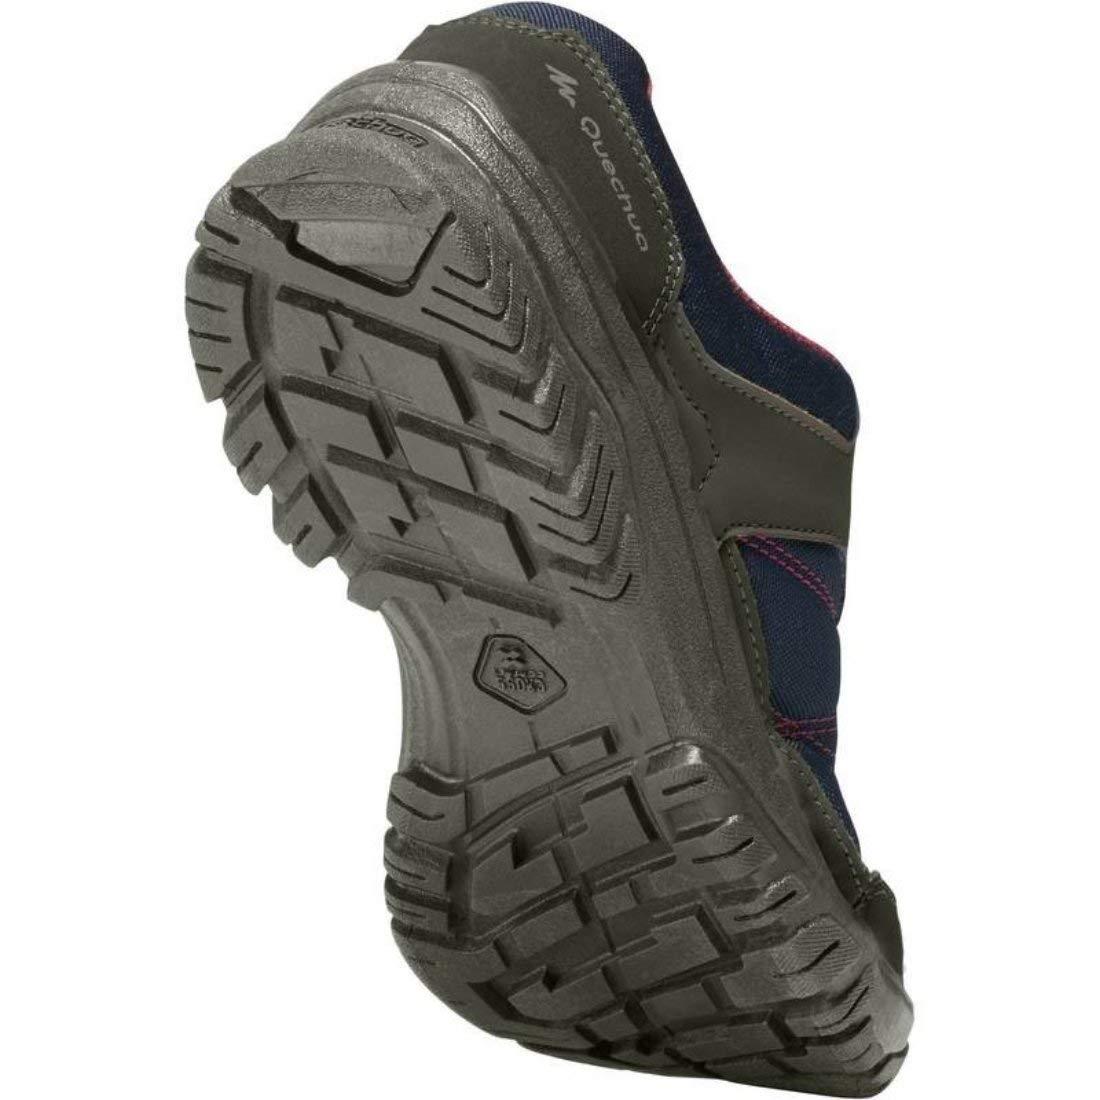 QUECHUA - Zapatillas de Senderismo para Mujer, Color Azul, Talla 37 1/3: Amazon.es: Zapatos y complementos